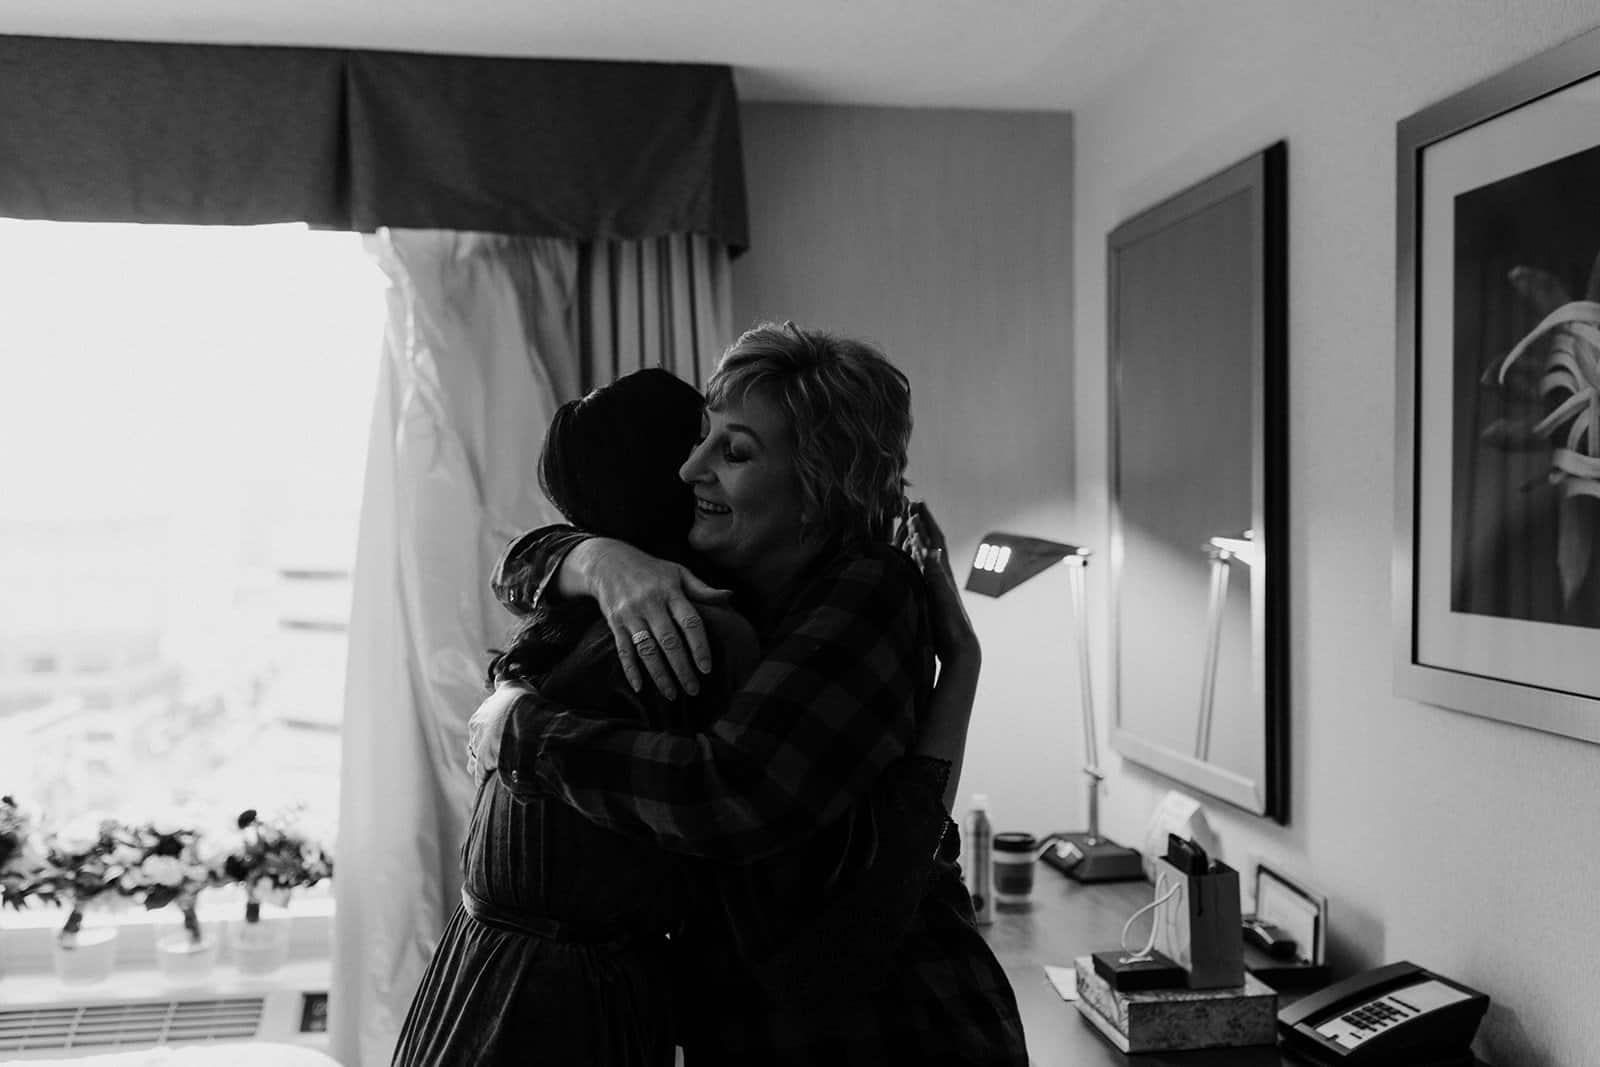 Two people hug